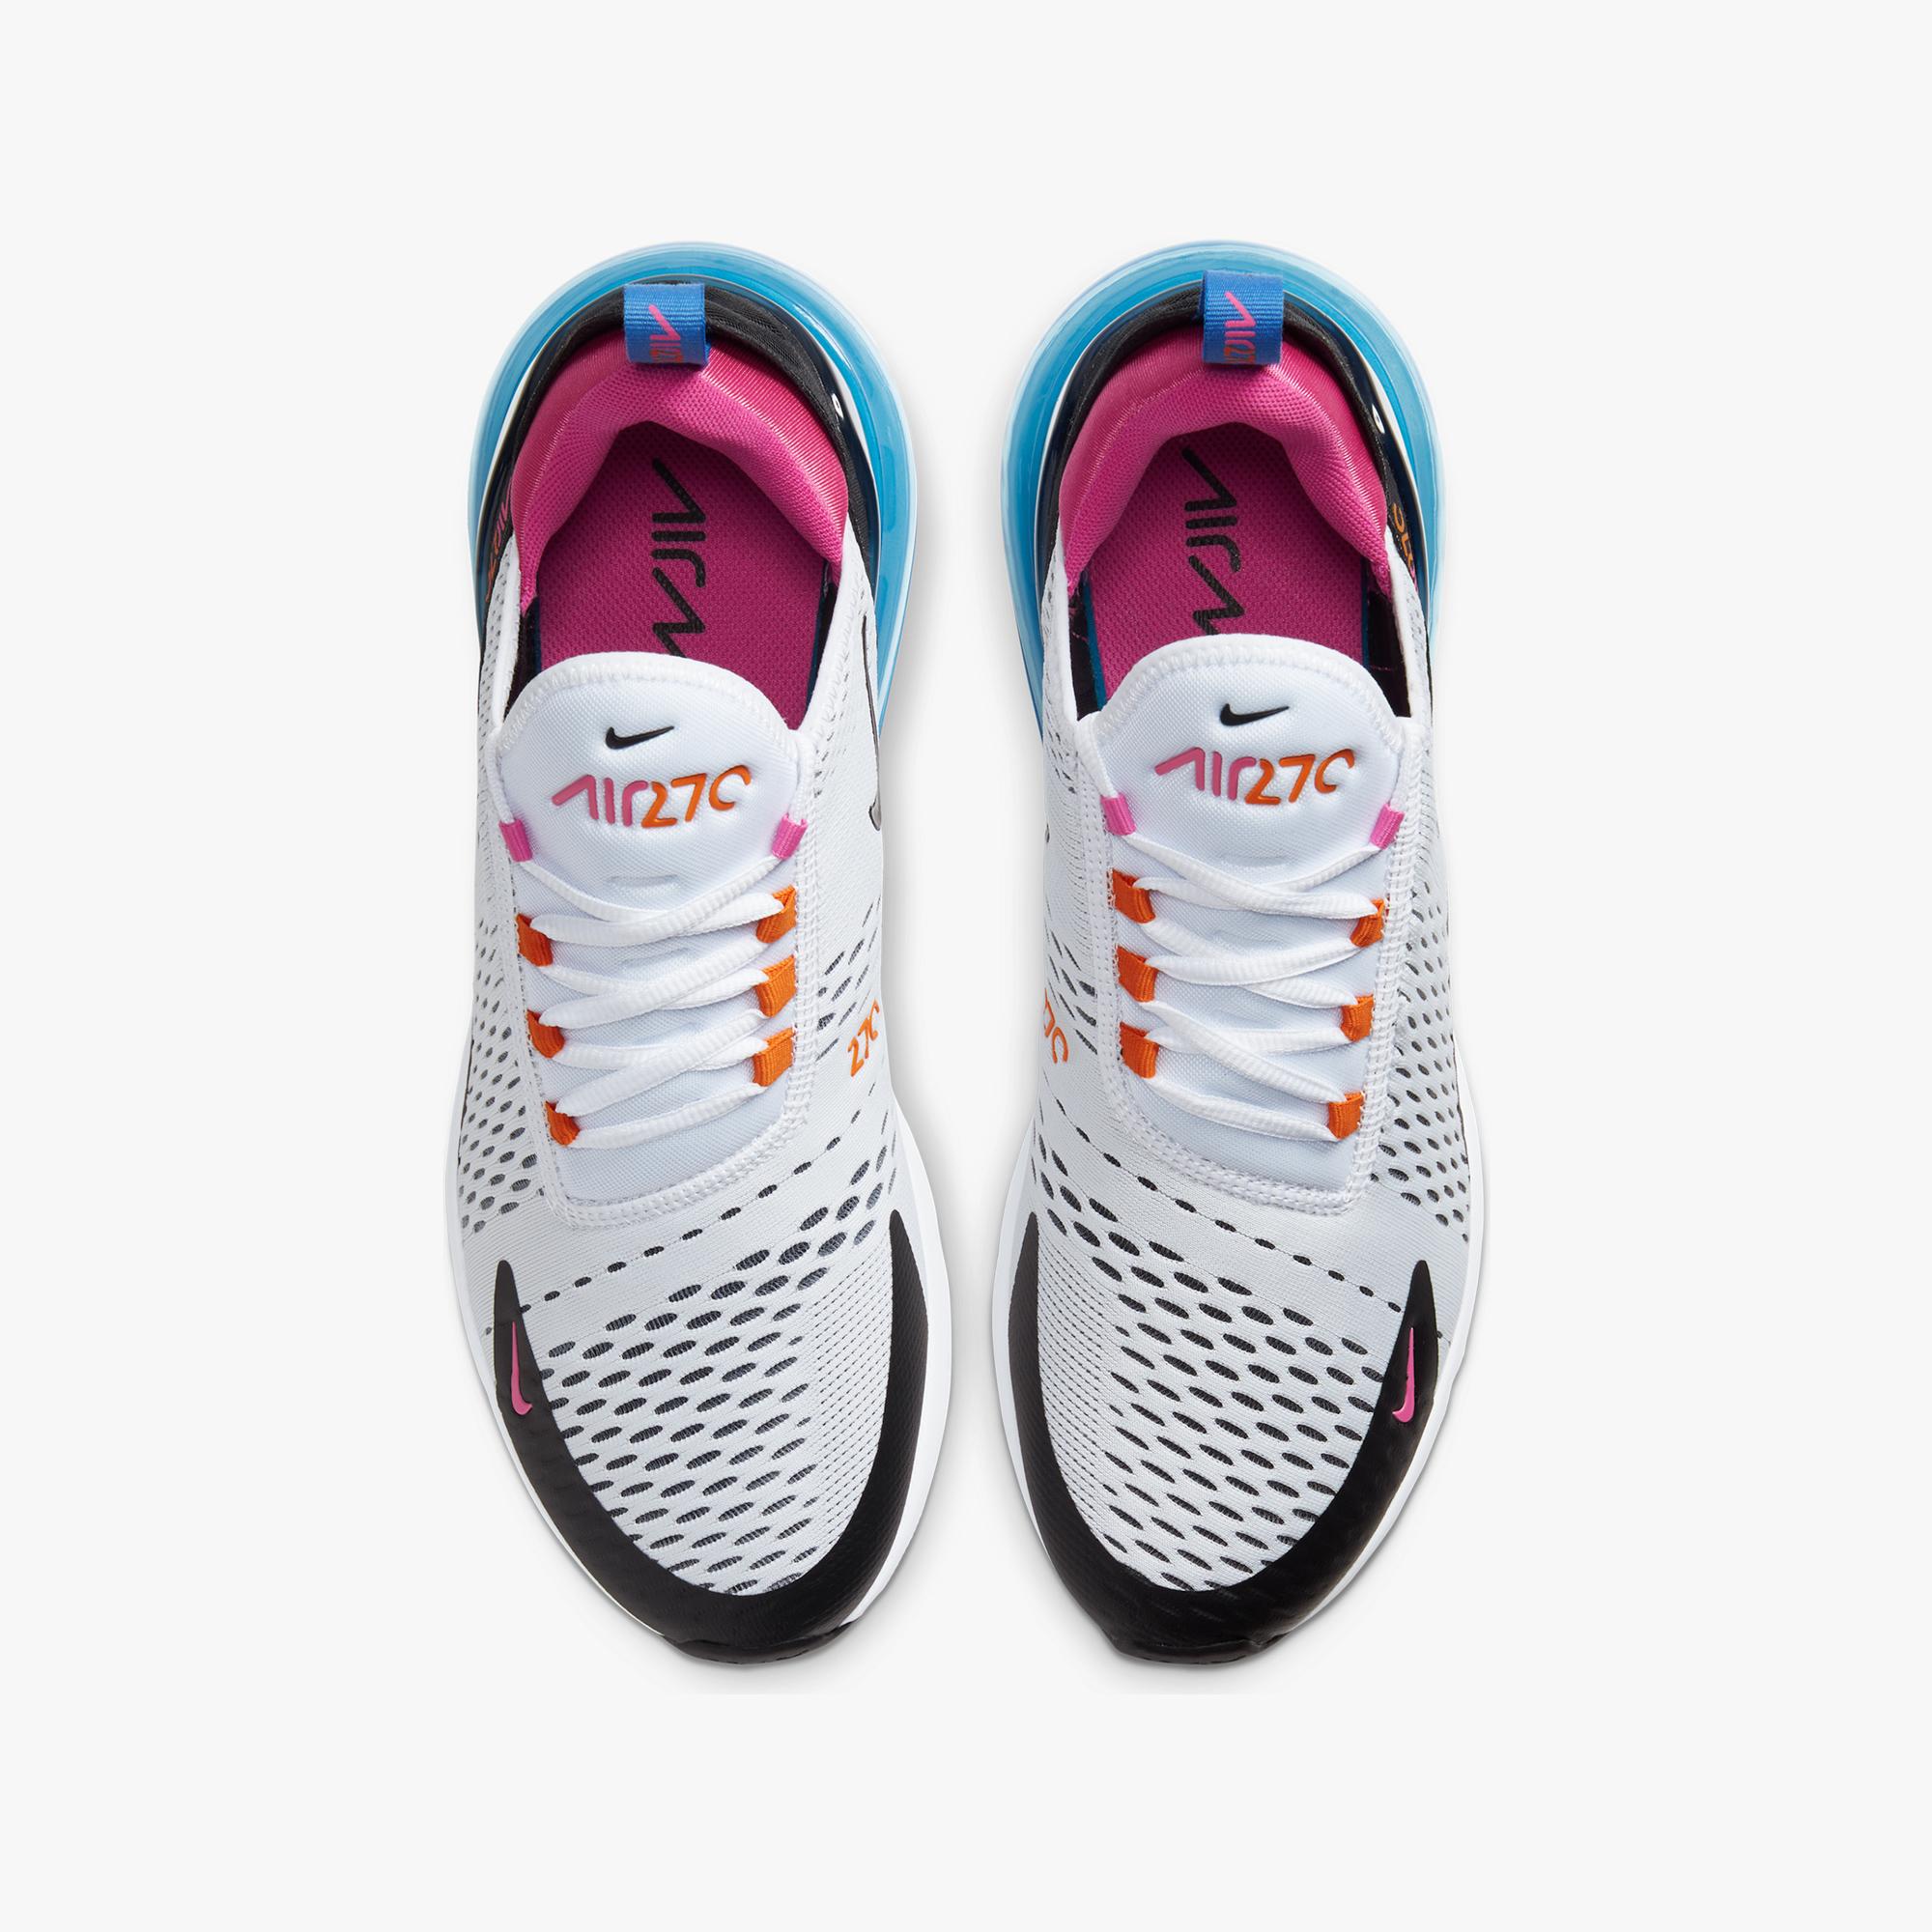 miseria angustia Industrializar  Nike Air Max 270 - Cw6989-100 - Sneakersnstuff   sneakers & streetwear  online since 1999